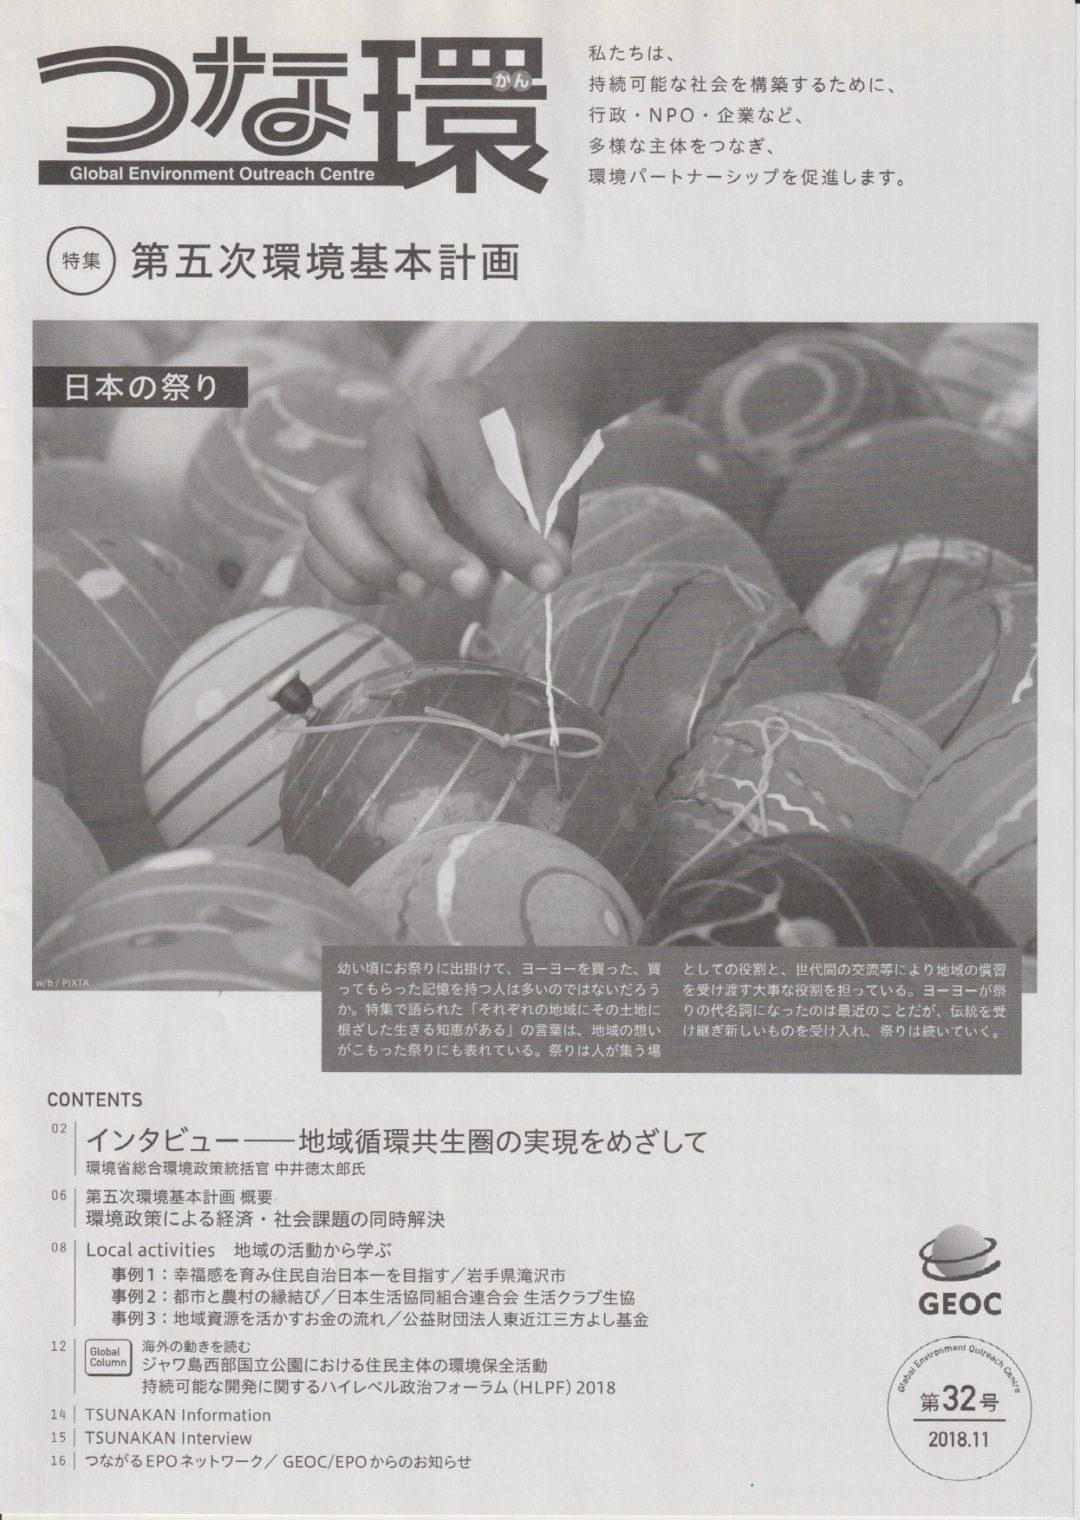 201811_機関紙つな環